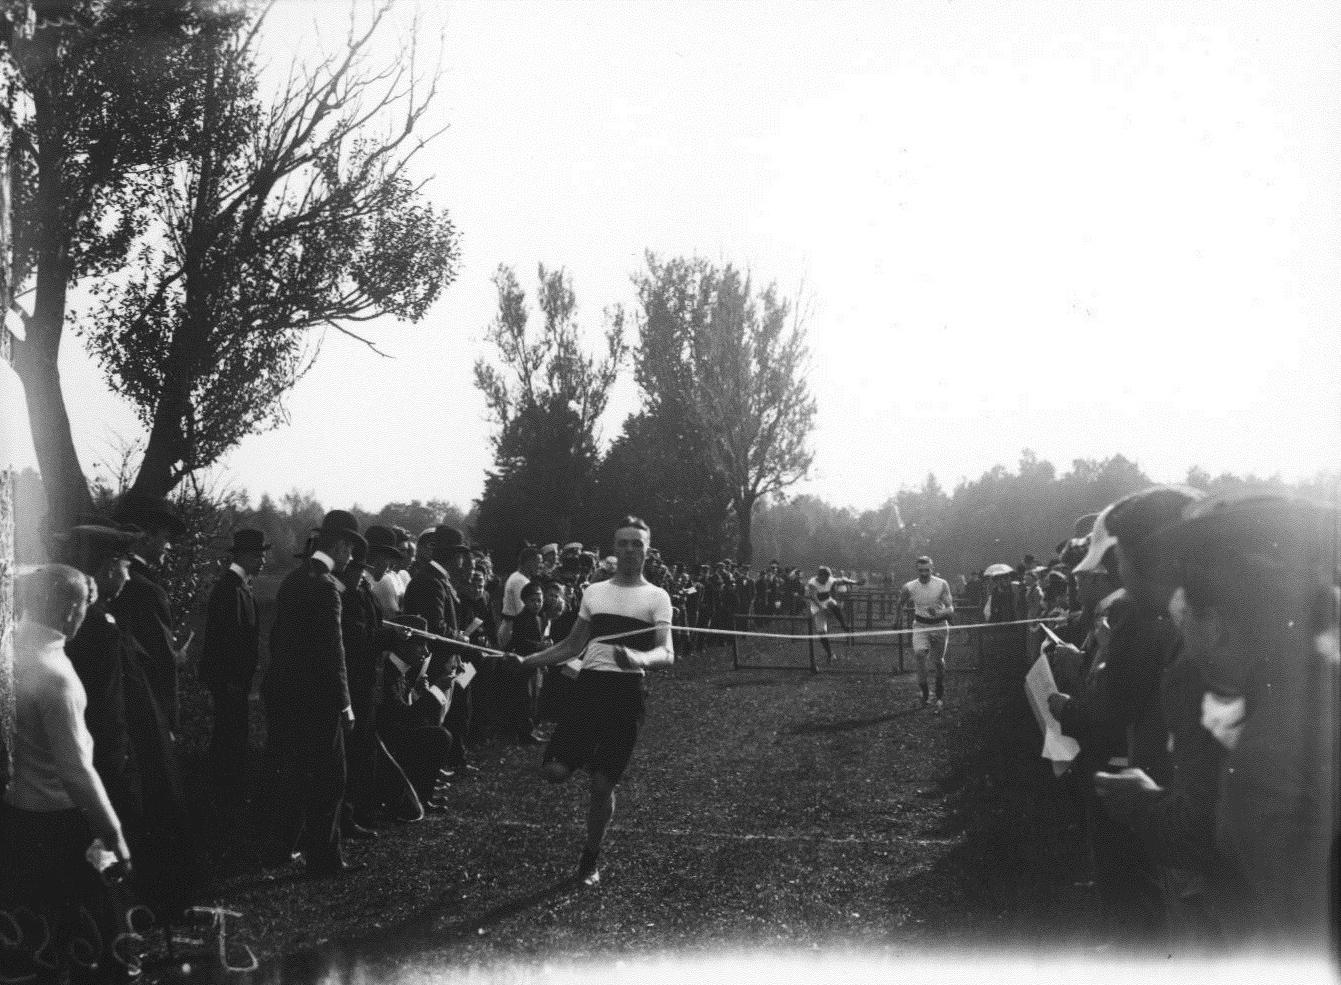 1909. Кружок любителей спорта. Бег с барьерами. Финиширует Павел Иванович Лидваль.